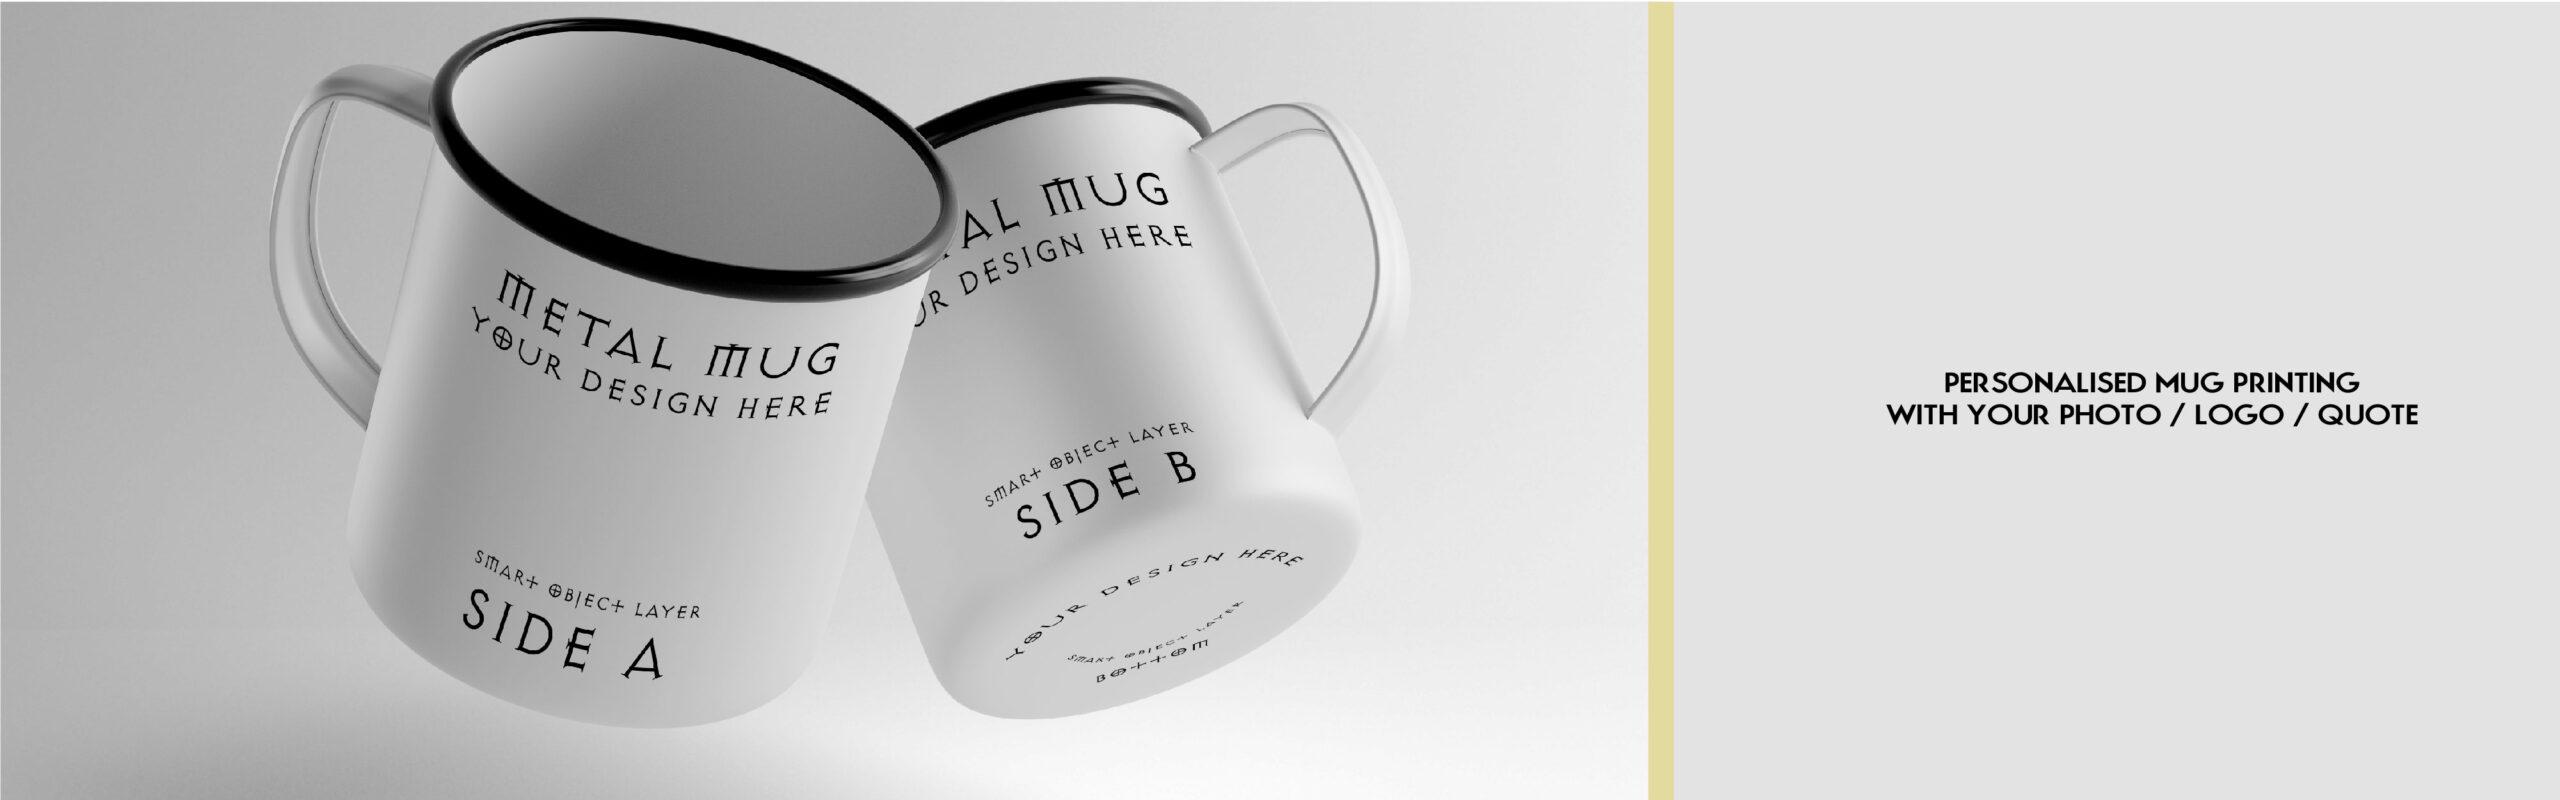 custom mug printing online in India Printmax